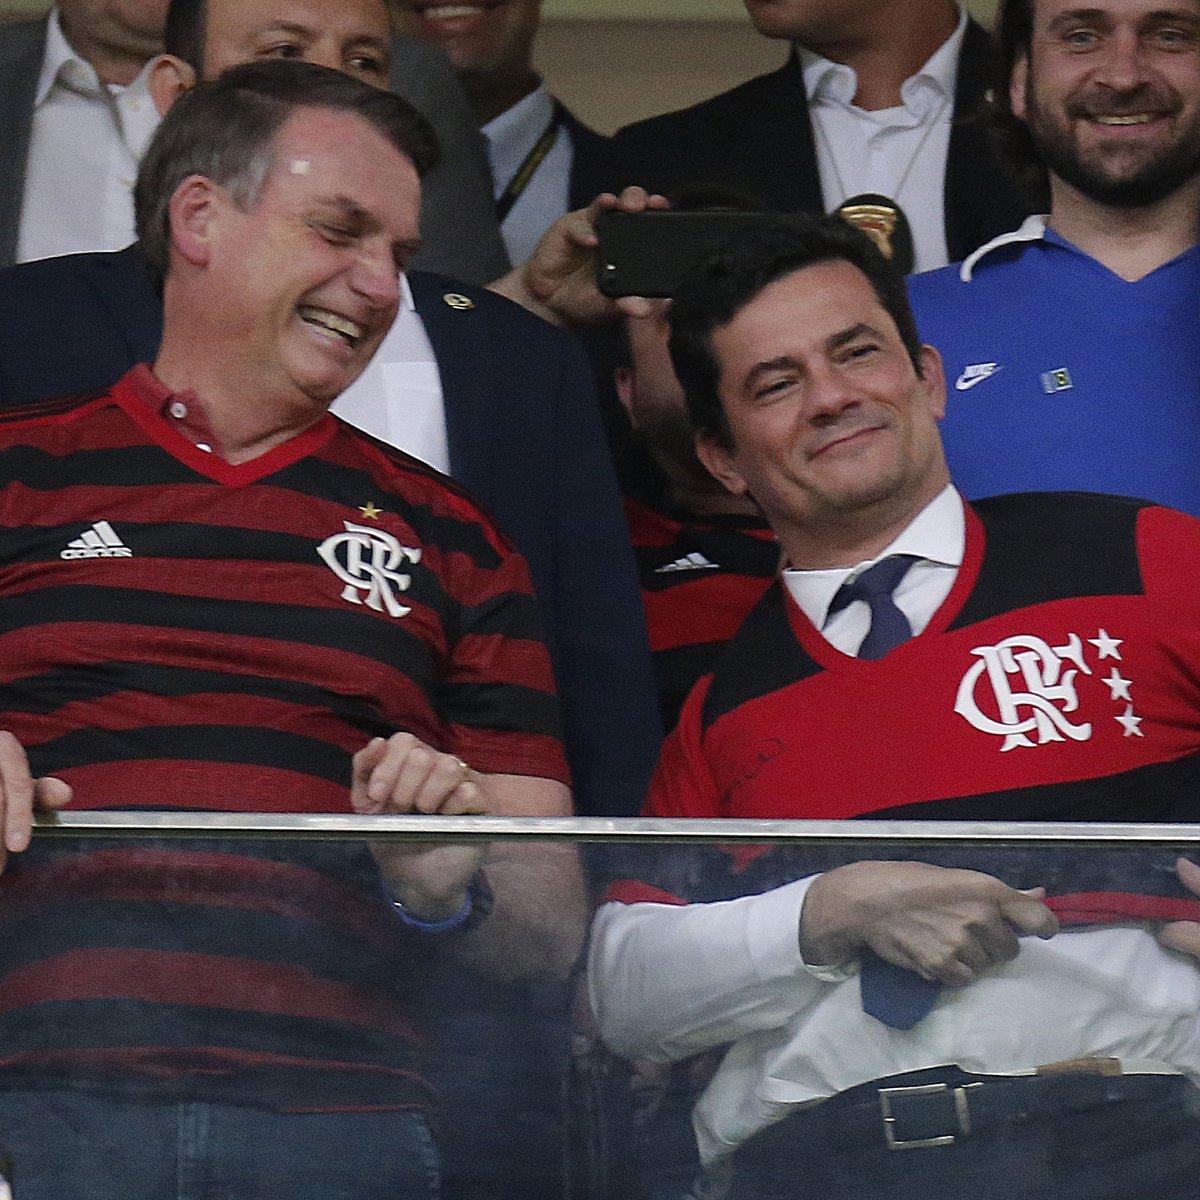 Ao lado de Bolsonaro, Moro é ovacionado em jogo do Flamengo